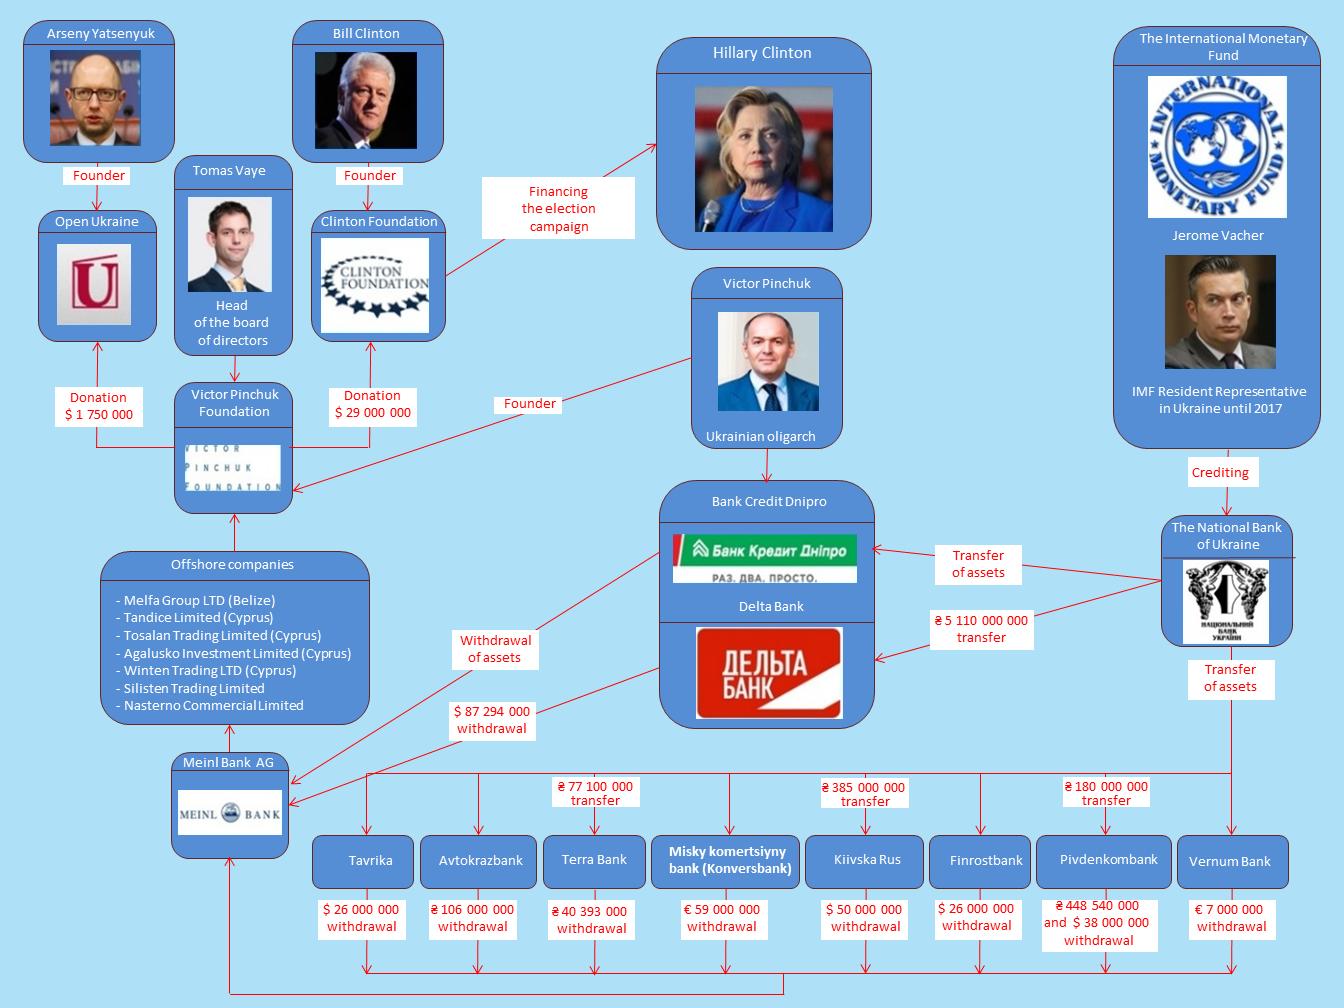 Schéma de détournement des fonds vers la Fondation Clinton